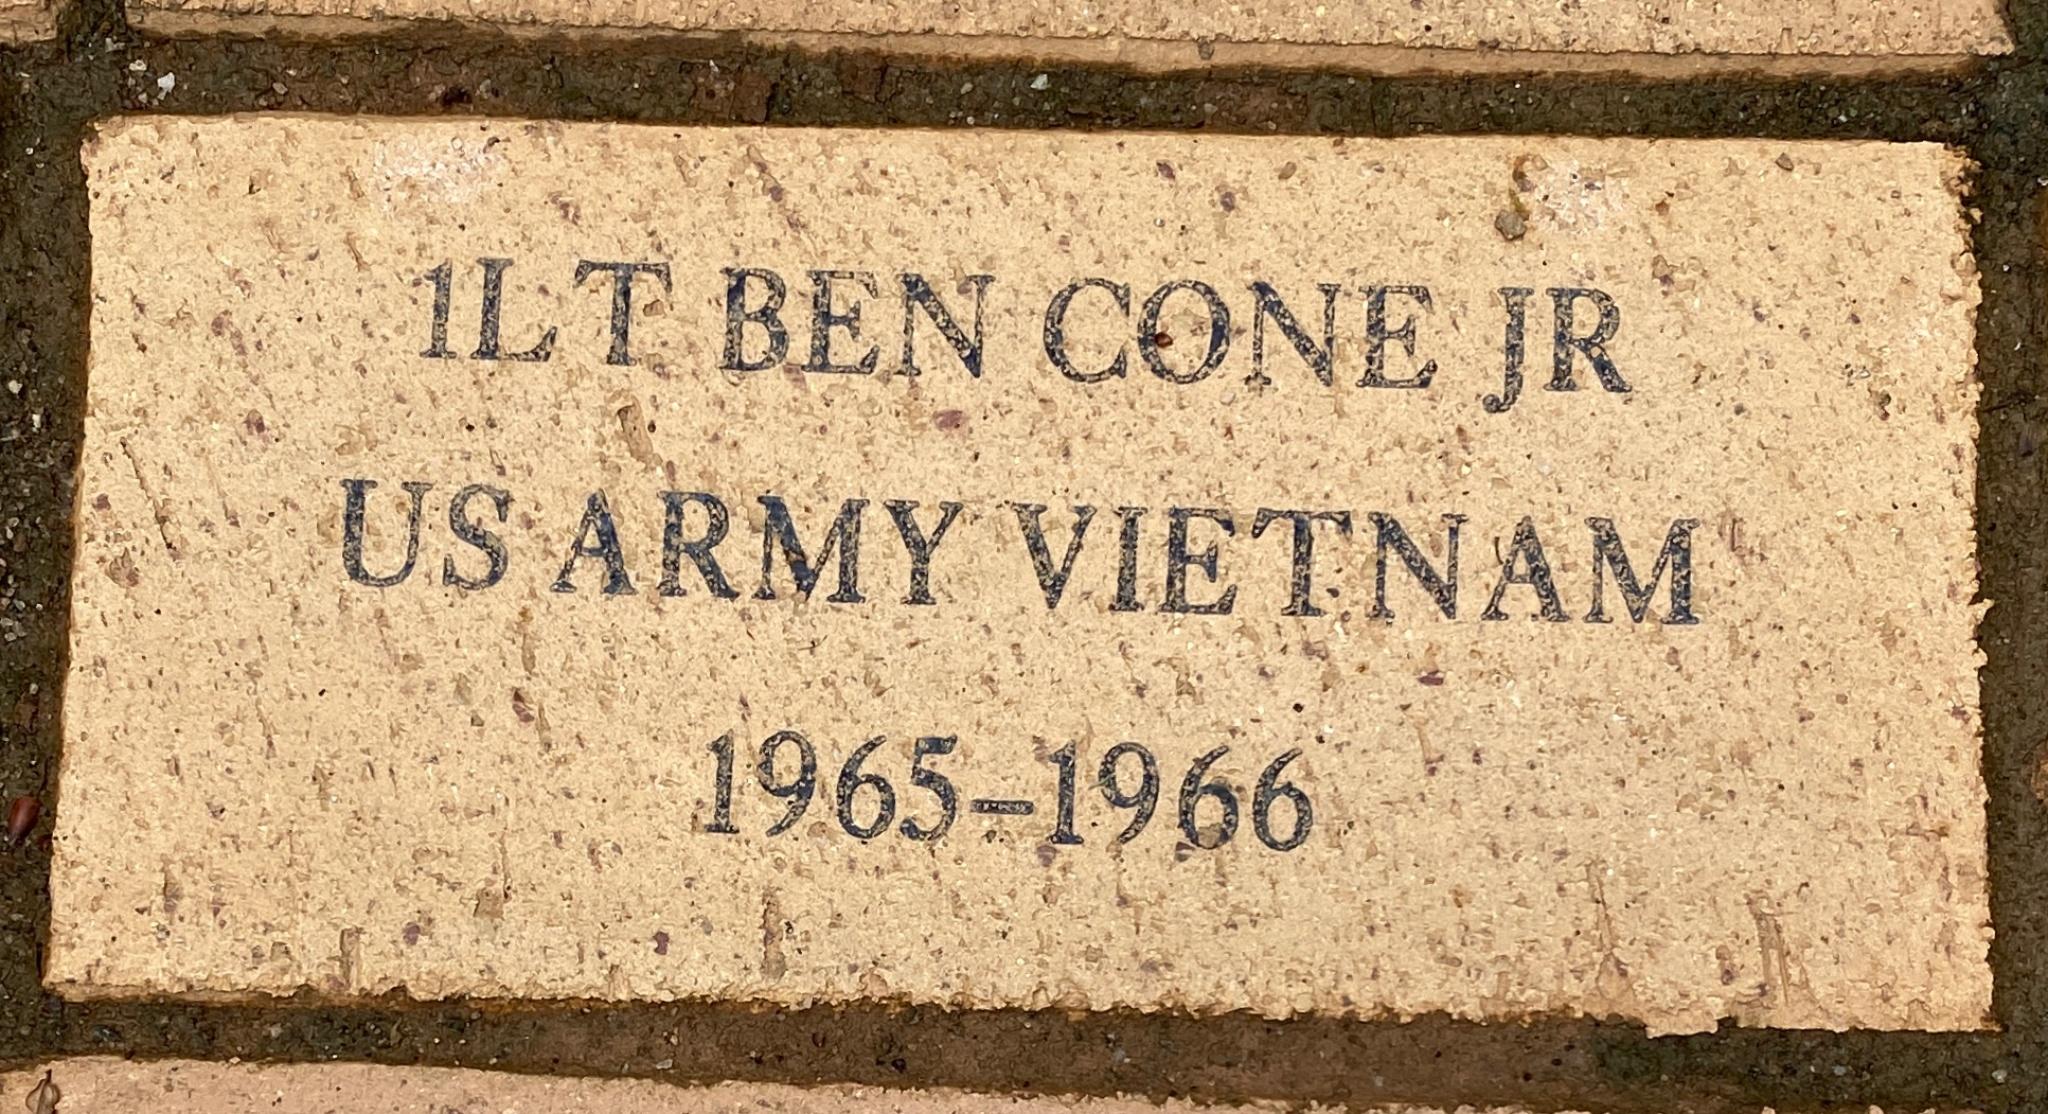 1LT BEN CONE US ARMY VIETNAM 1965-1966